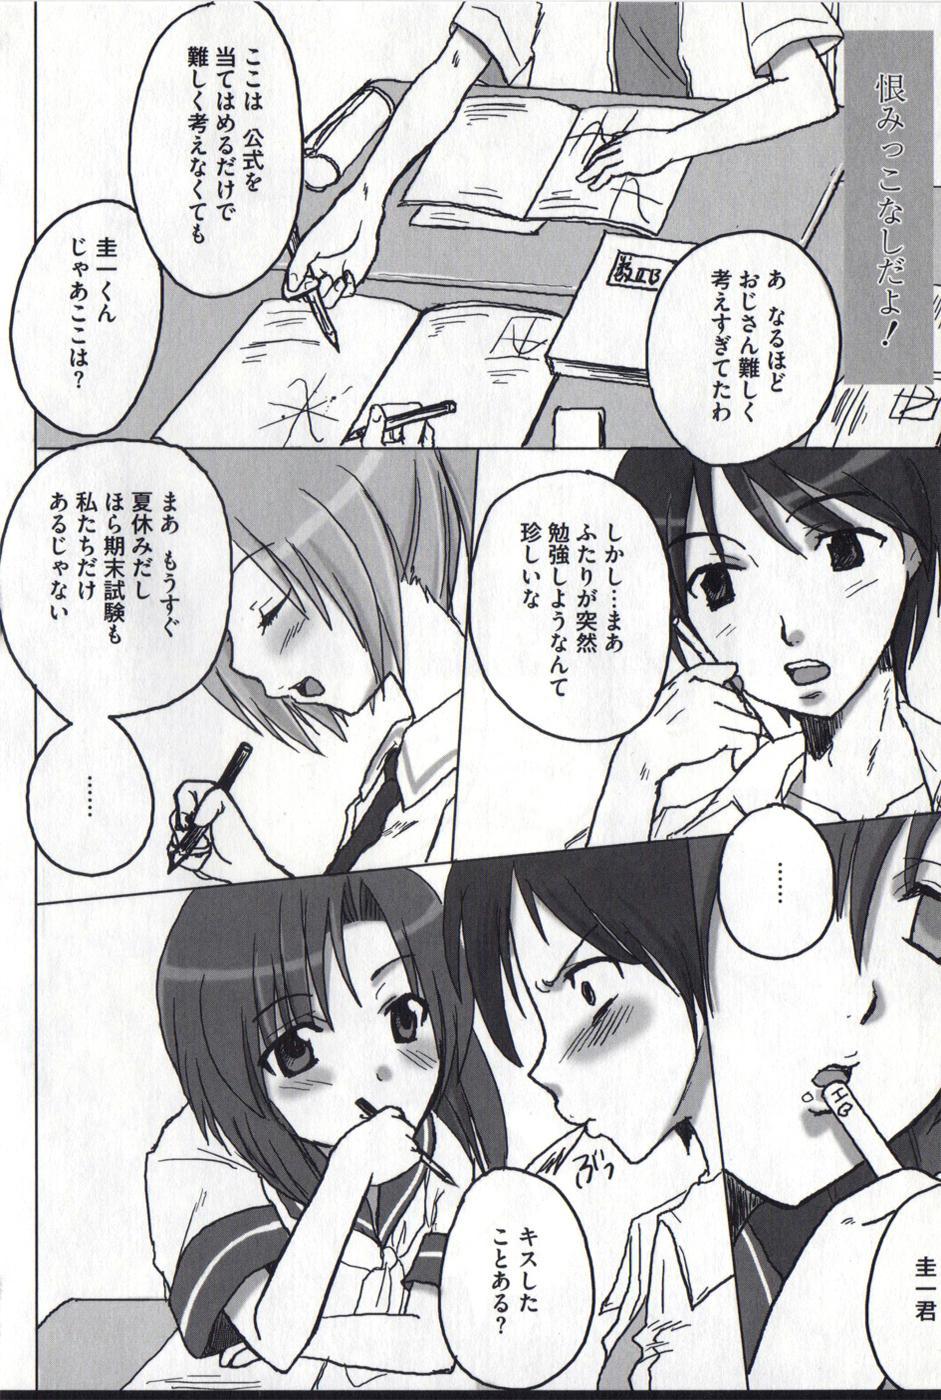 HiguERO no naku koro ni 28